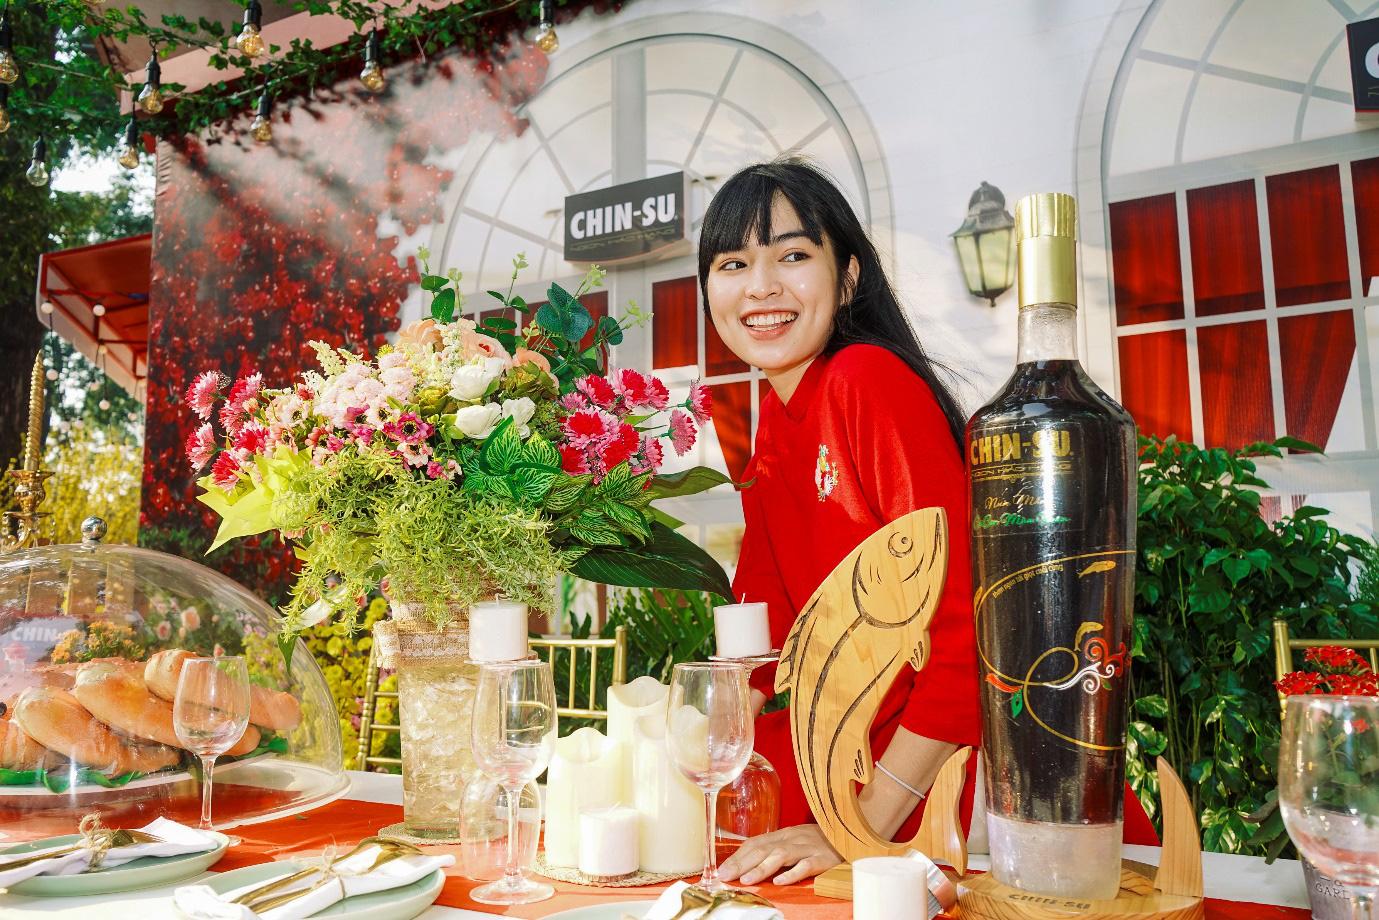 Xuýt xoa với loạt ảnh hot girl Mắt Biếc check-in với các siêu phẩm siêu to khổng lồ tại Góc Phố Xuân 2020 - Ảnh 4.